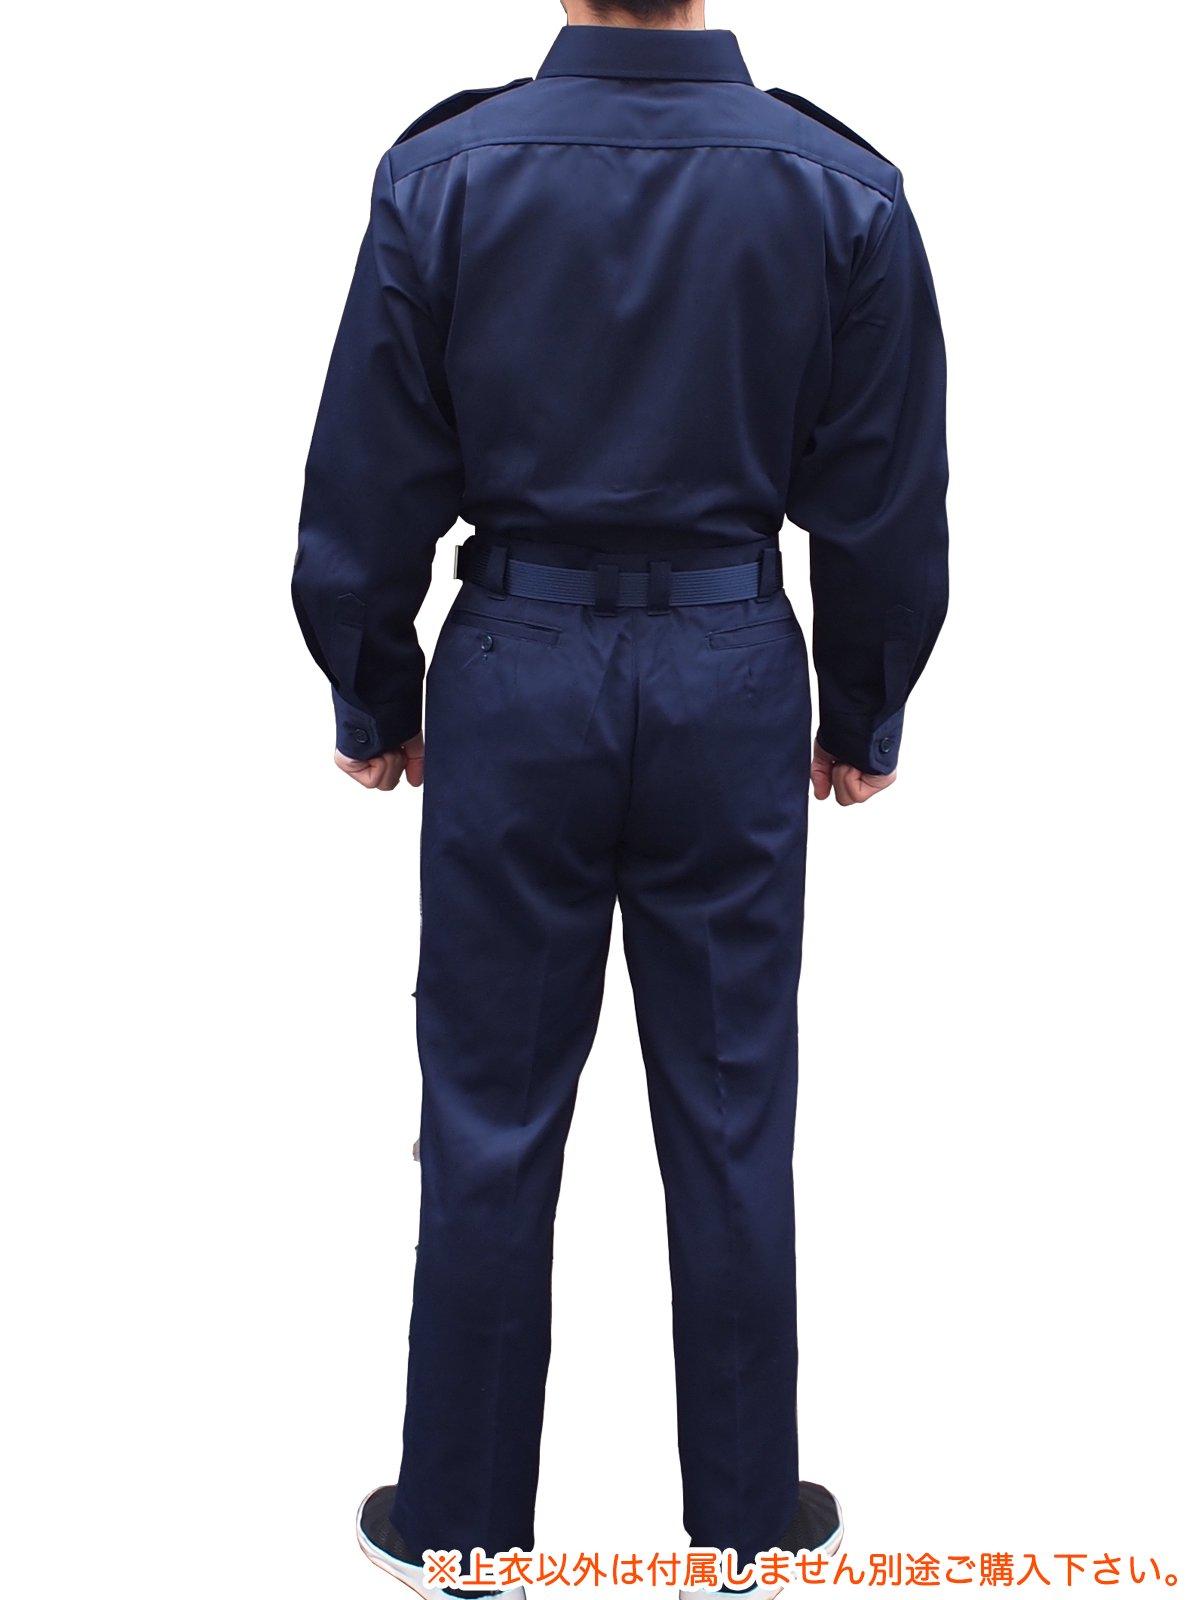 消防作業服カッター上衣【画像4】